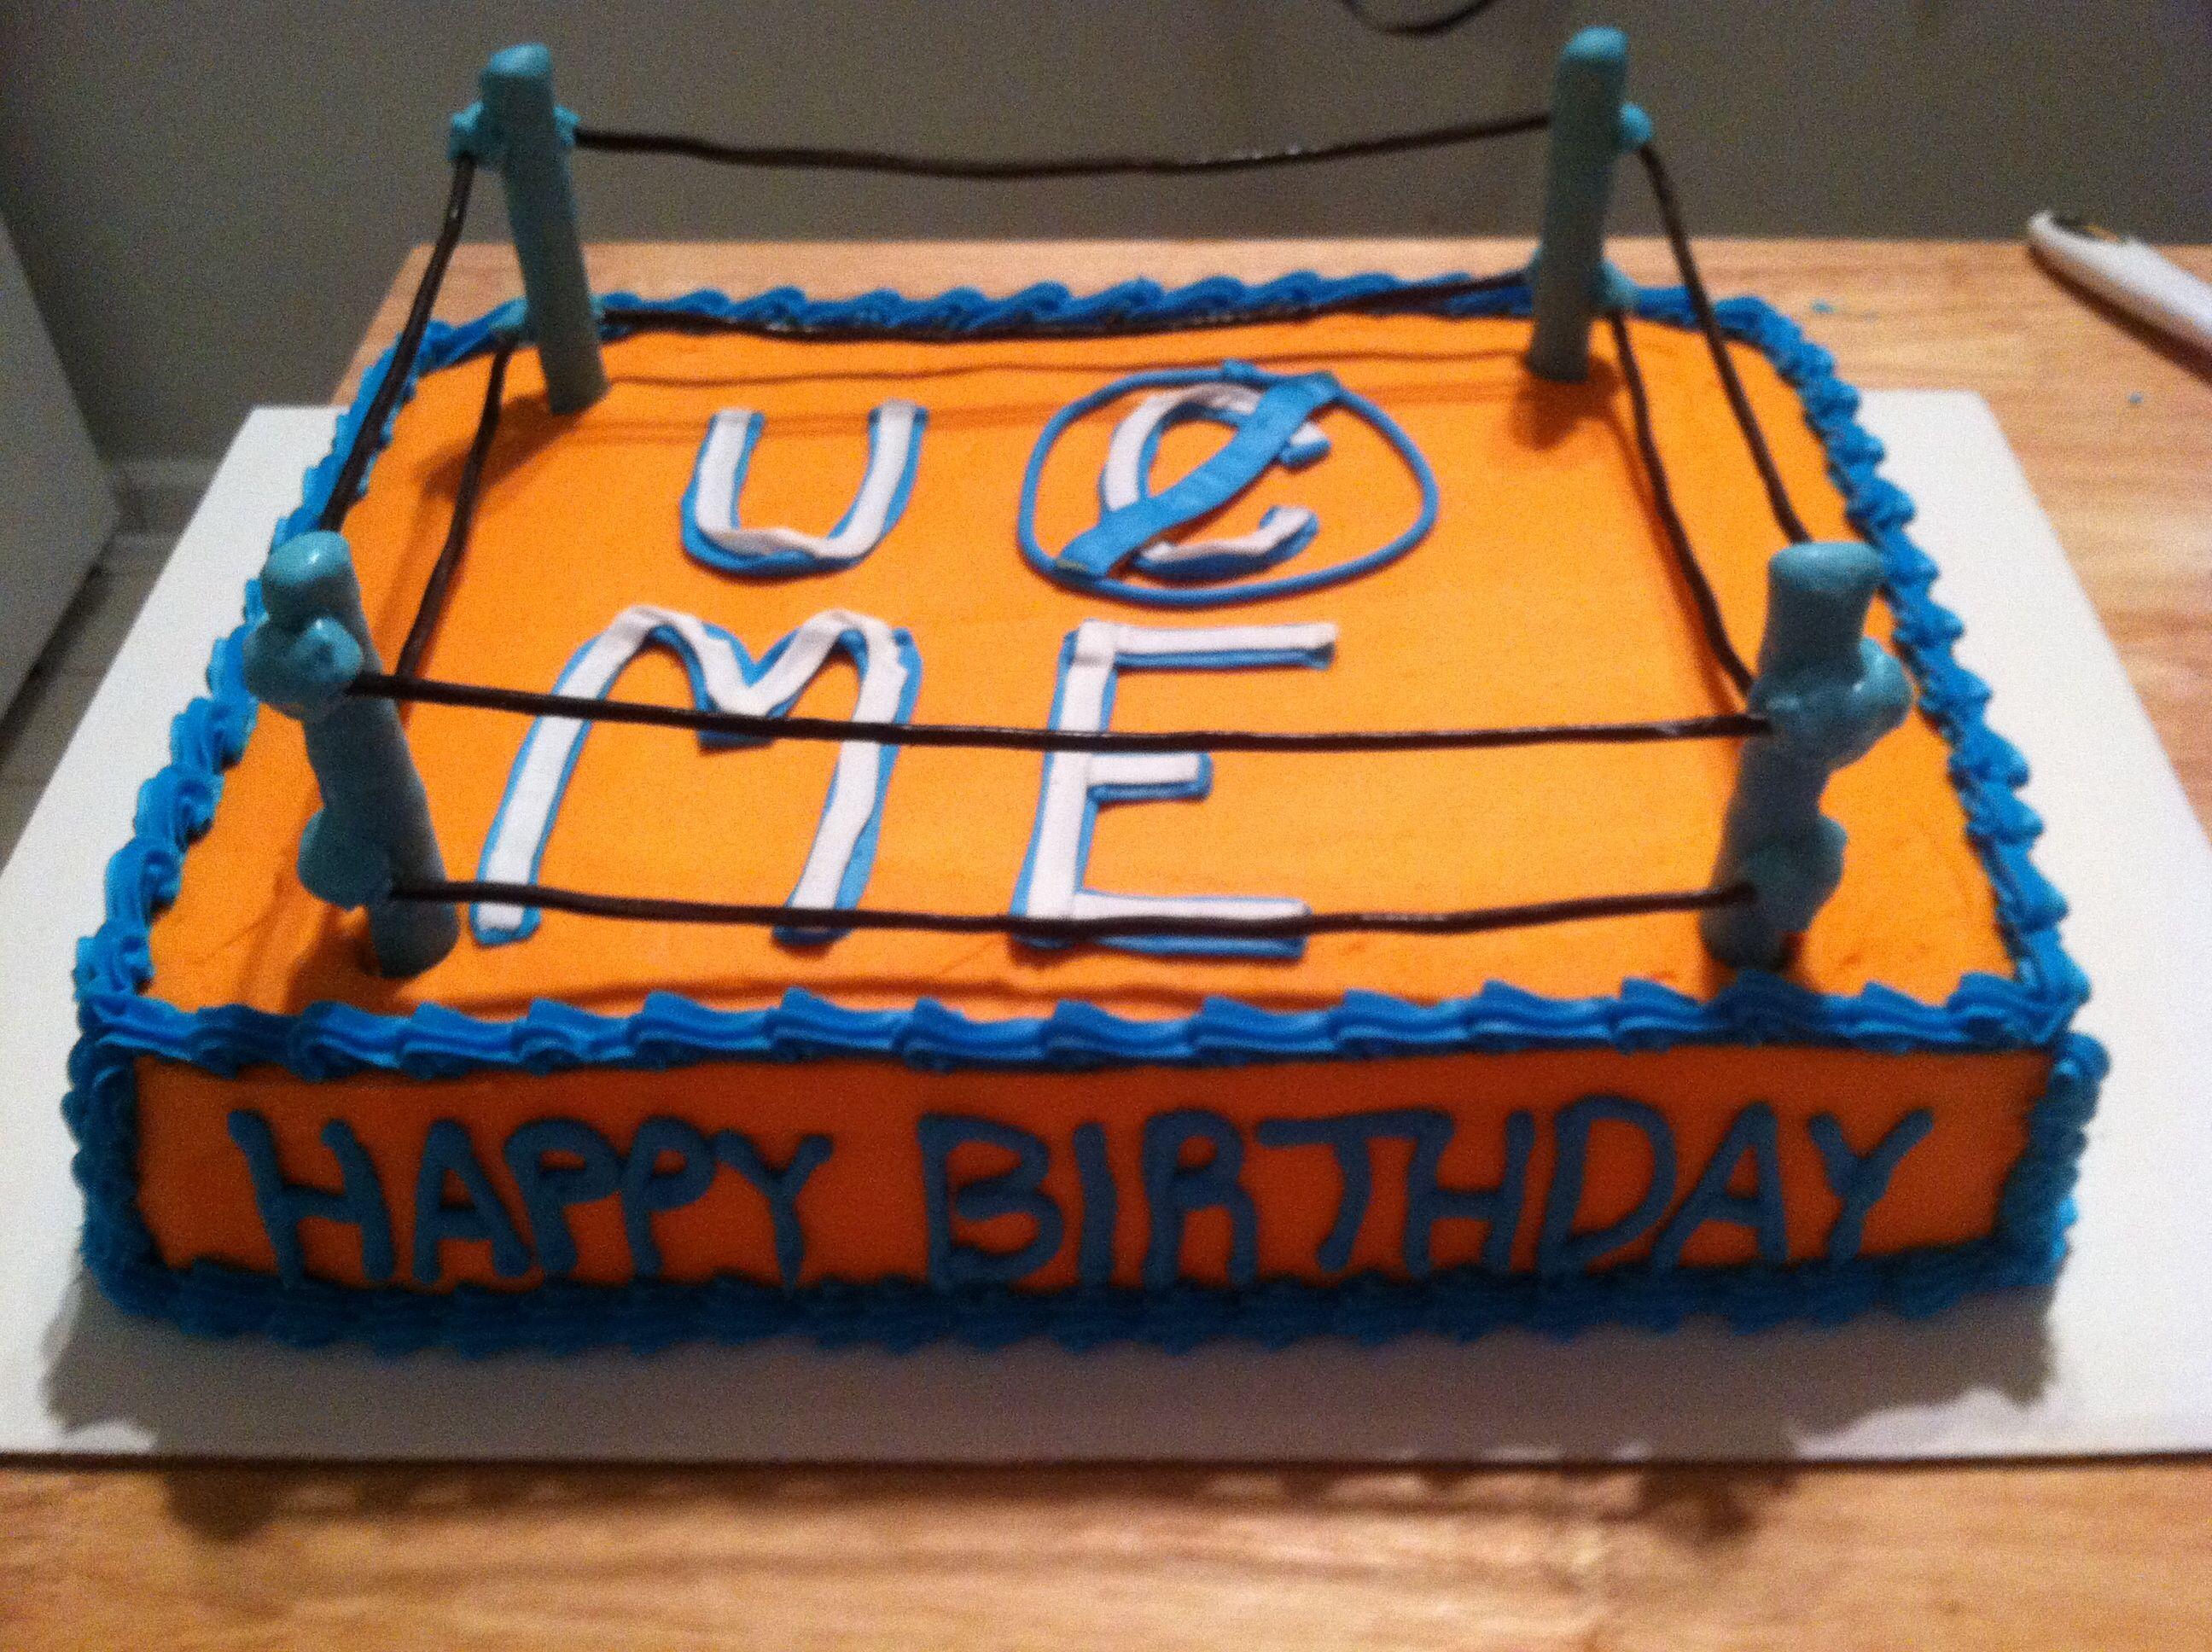 John Cena Cake Just For Him Happy Birthday In April 23